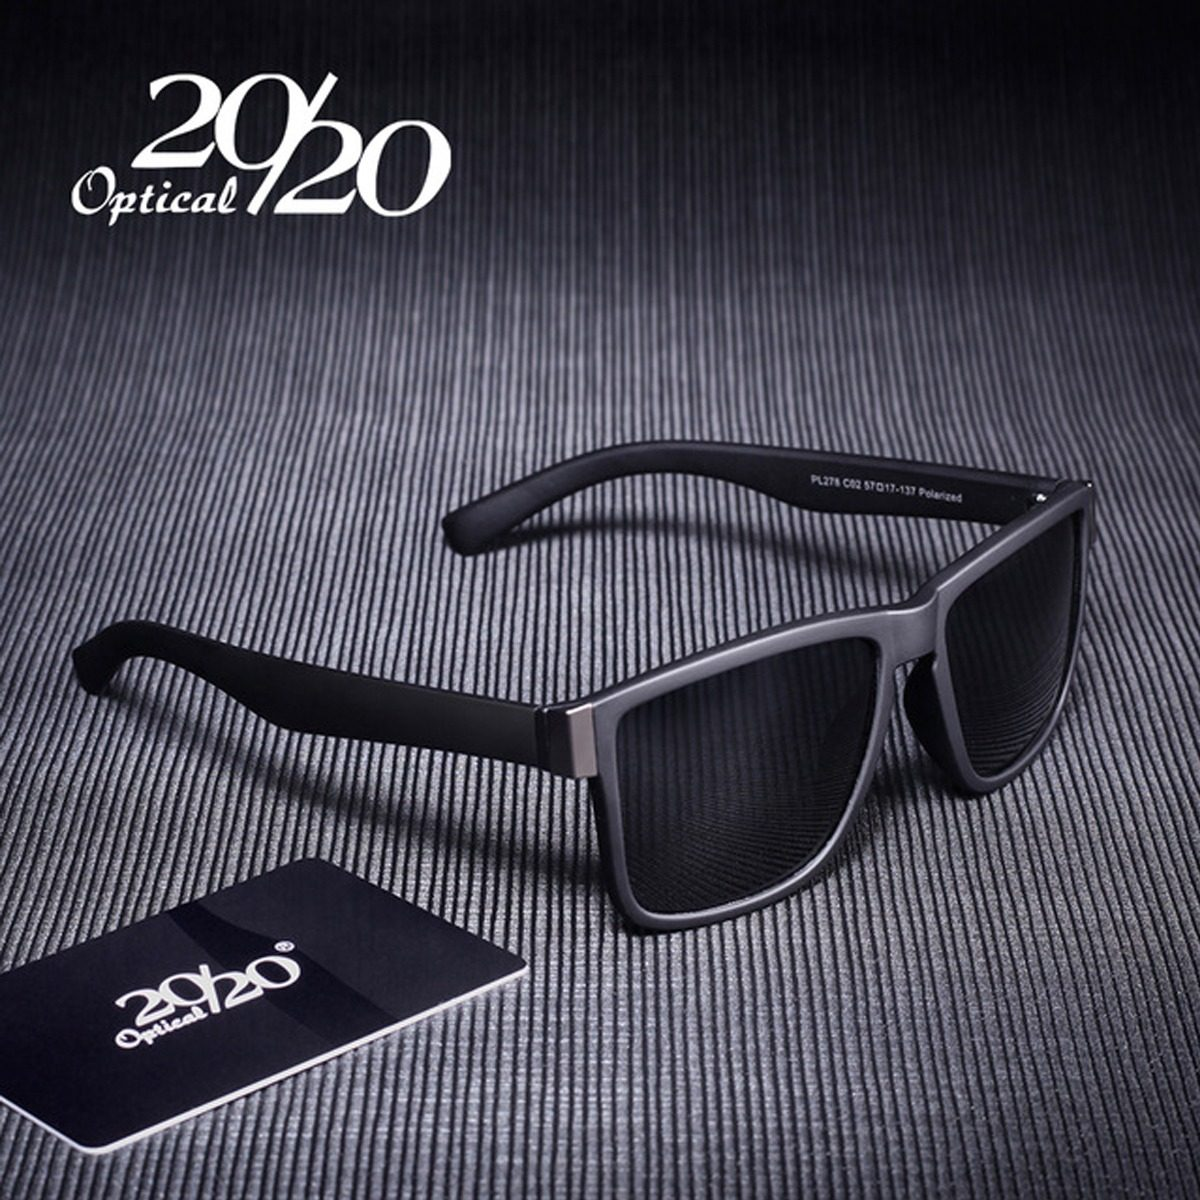 f06f40937 Óculos De Sol Feminino Clássico 20 20 Aberto Grande Barato - R  48 ...